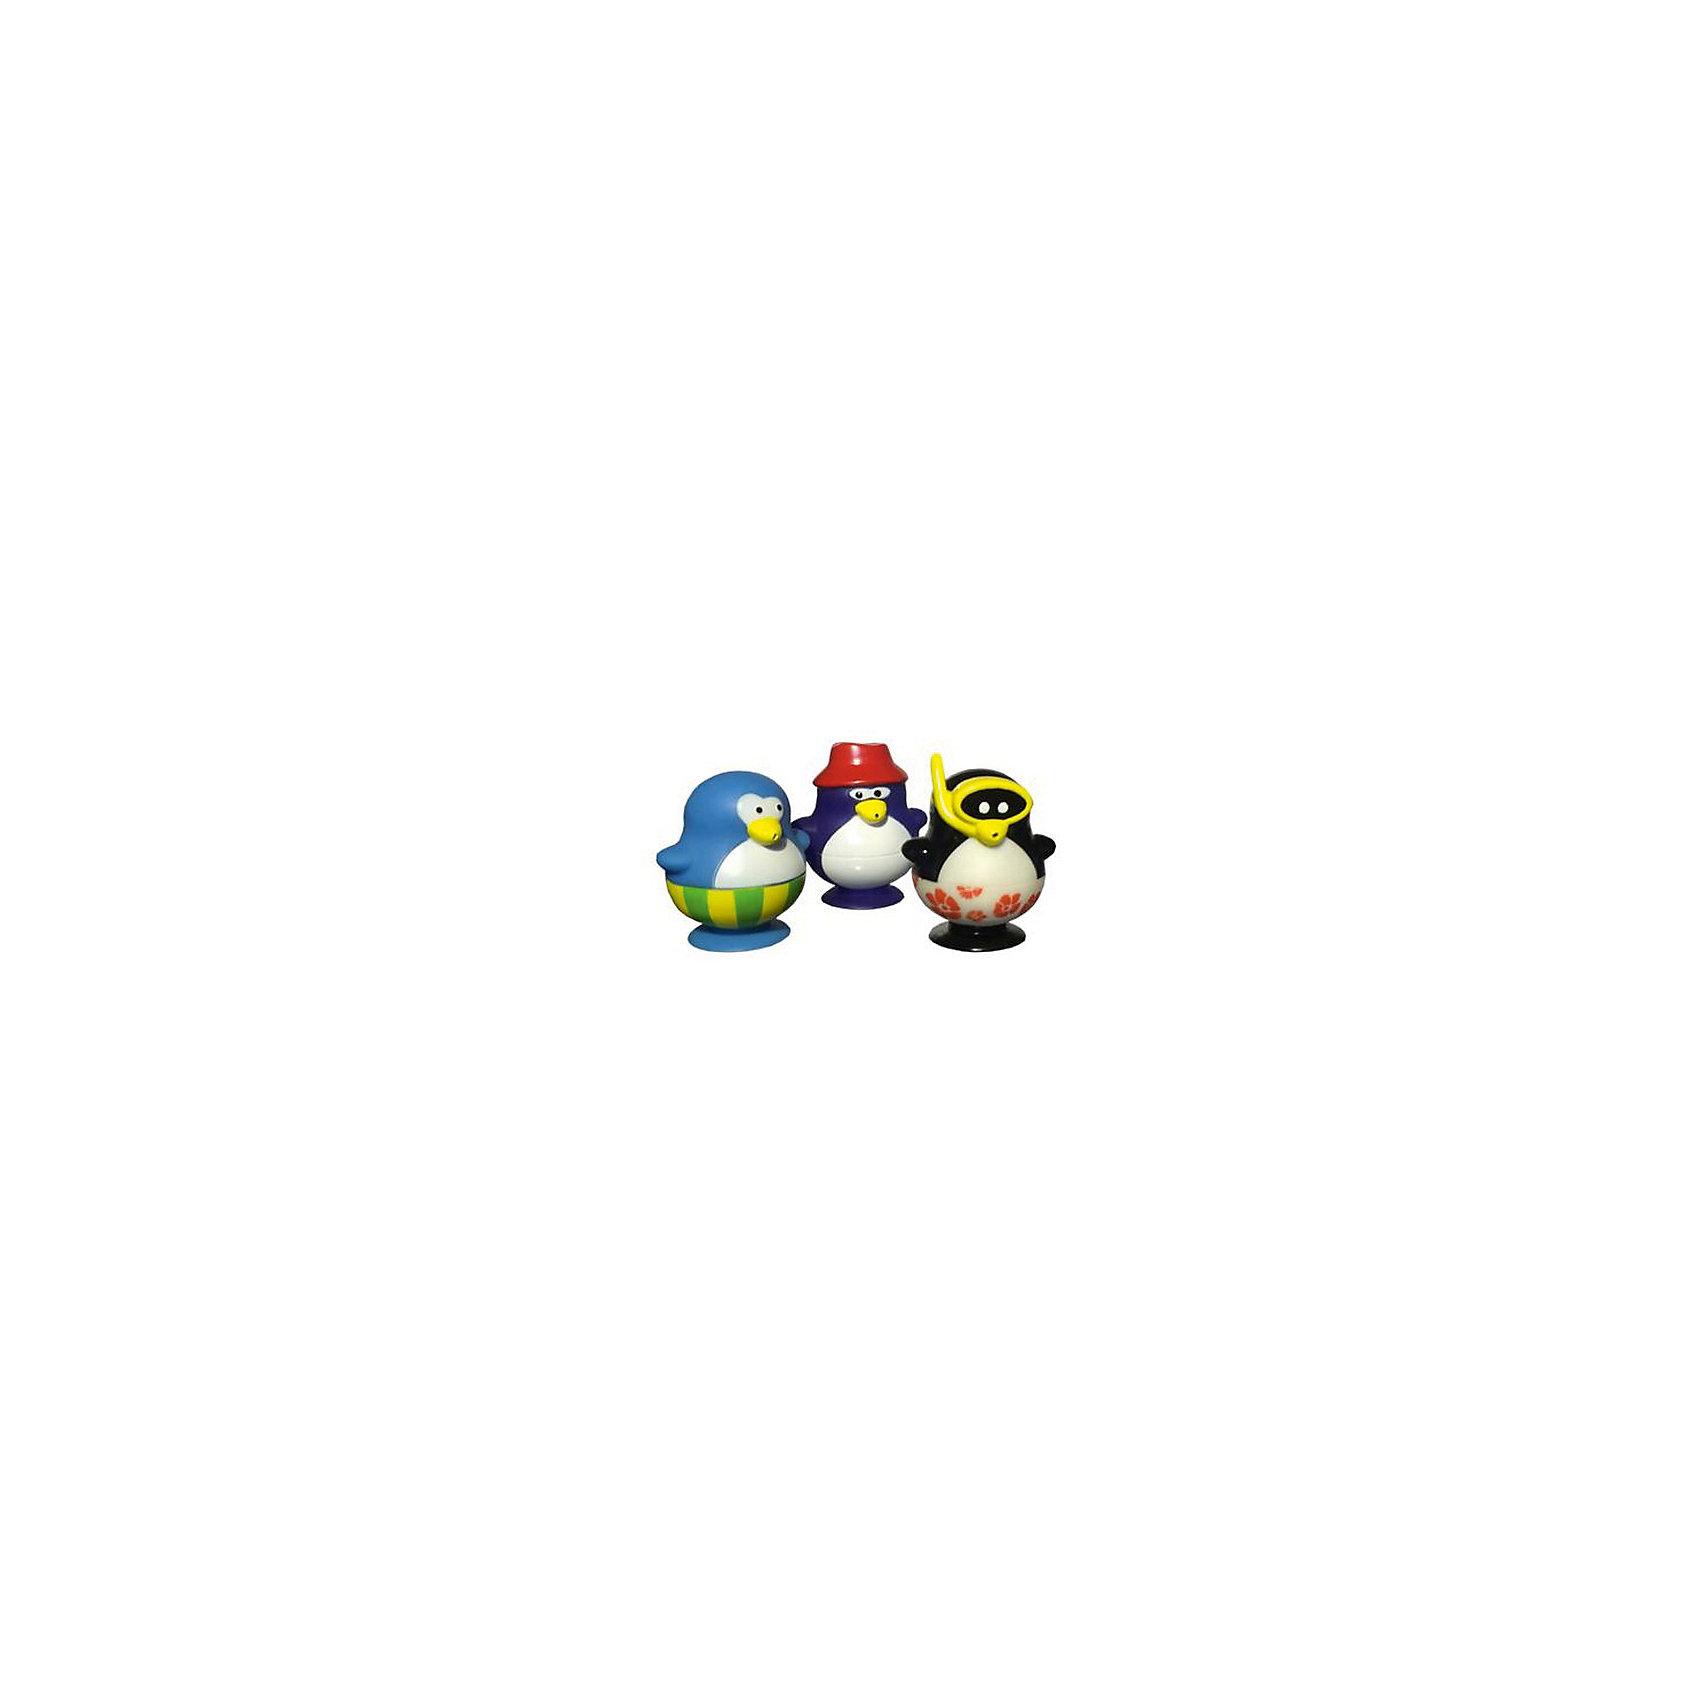 Пингвины, 3 шт., Water FunWater Fun – линия игрушек для ванной от компании Toy Target. Основные персонажи линии – пингвины в разных ярких плавках и купальных костюмах. Они могут просто составить компанию Вам во время купания, или развлечь Вас играми с наборами от Water Fun. <br><br>Дополнительная информация:<br><br>Набор  включает в себя 3 пингвинов. В них можно набирать воду, и они выплюнут её через клюв при нажатии.<br><br>Набор Пингвины, 3 шт., Water Fun можно купить в нашем магазине.<br><br>Ширина мм: 180<br>Глубина мм: 50<br>Высота мм: 220<br>Вес г: 250<br>Возраст от месяцев: 0<br>Возраст до месяцев: 36<br>Пол: Унисекс<br>Возраст: Детский<br>SKU: 4133151